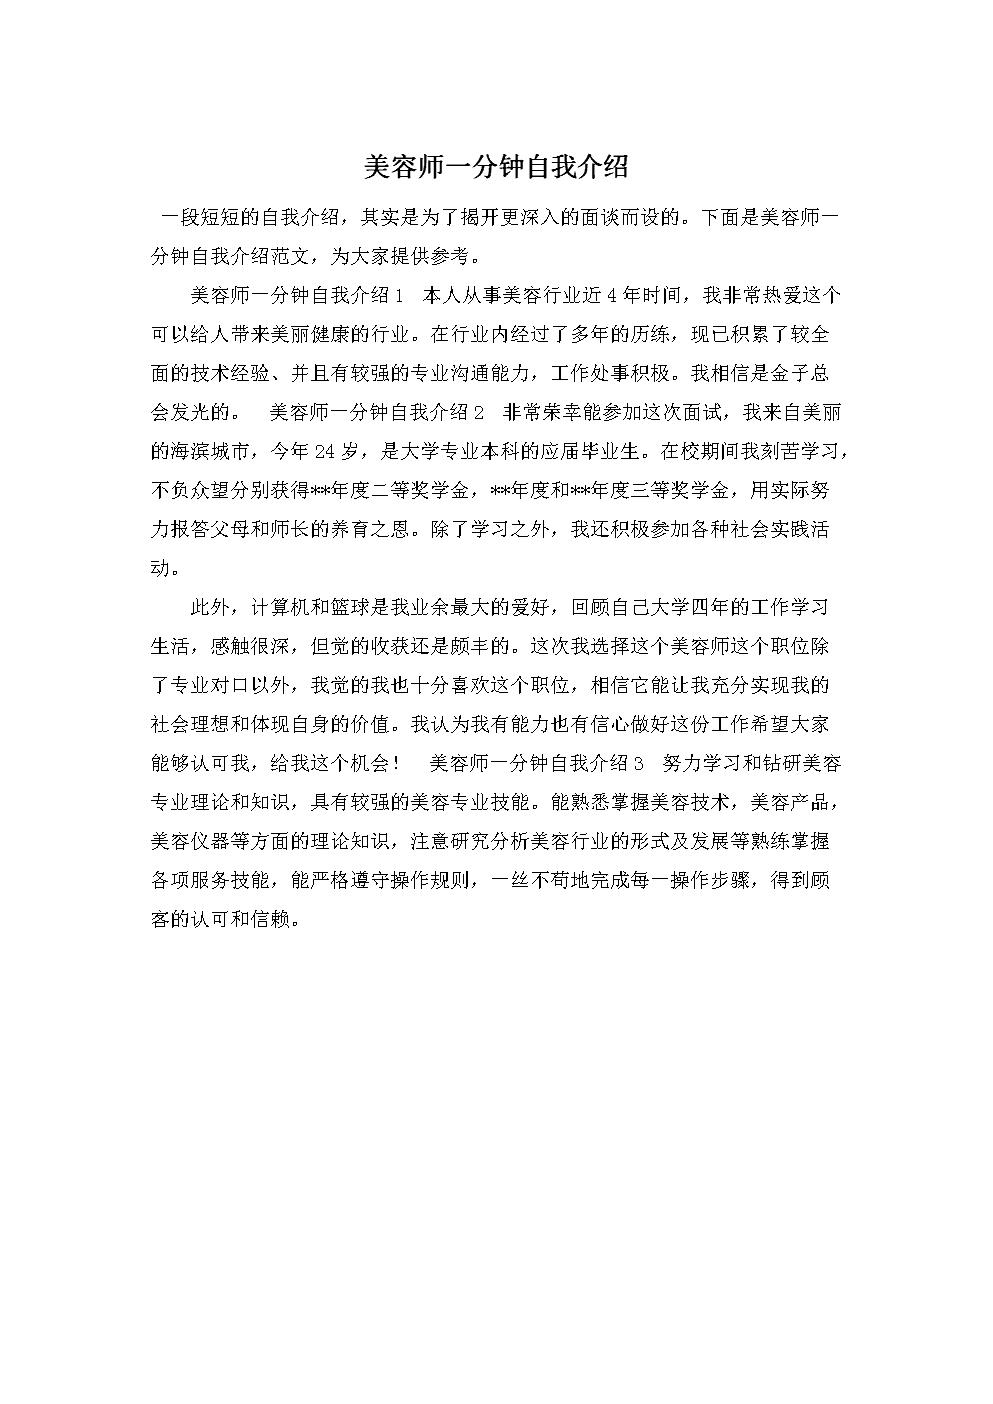 美容师一分钟自我介绍—最新范文.doc